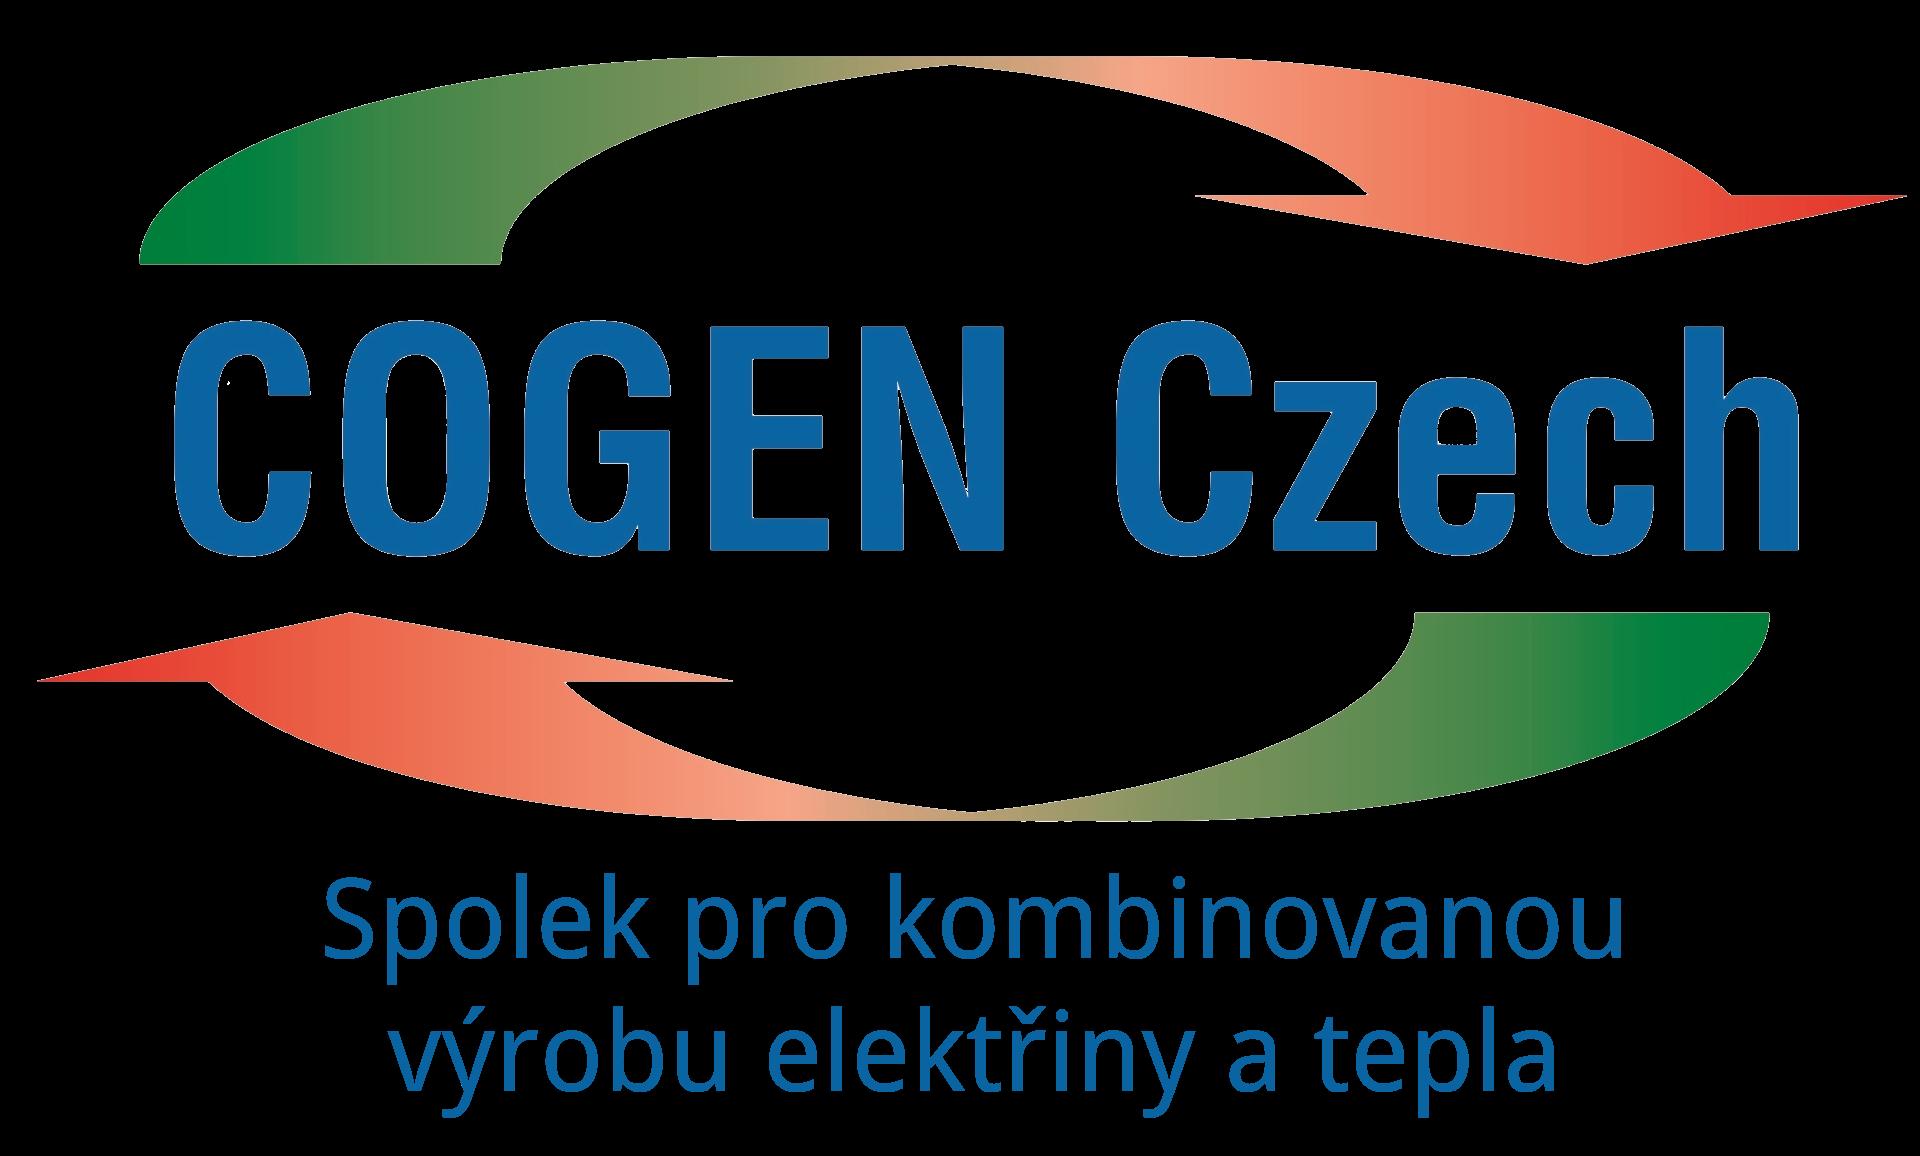 cogen_czech